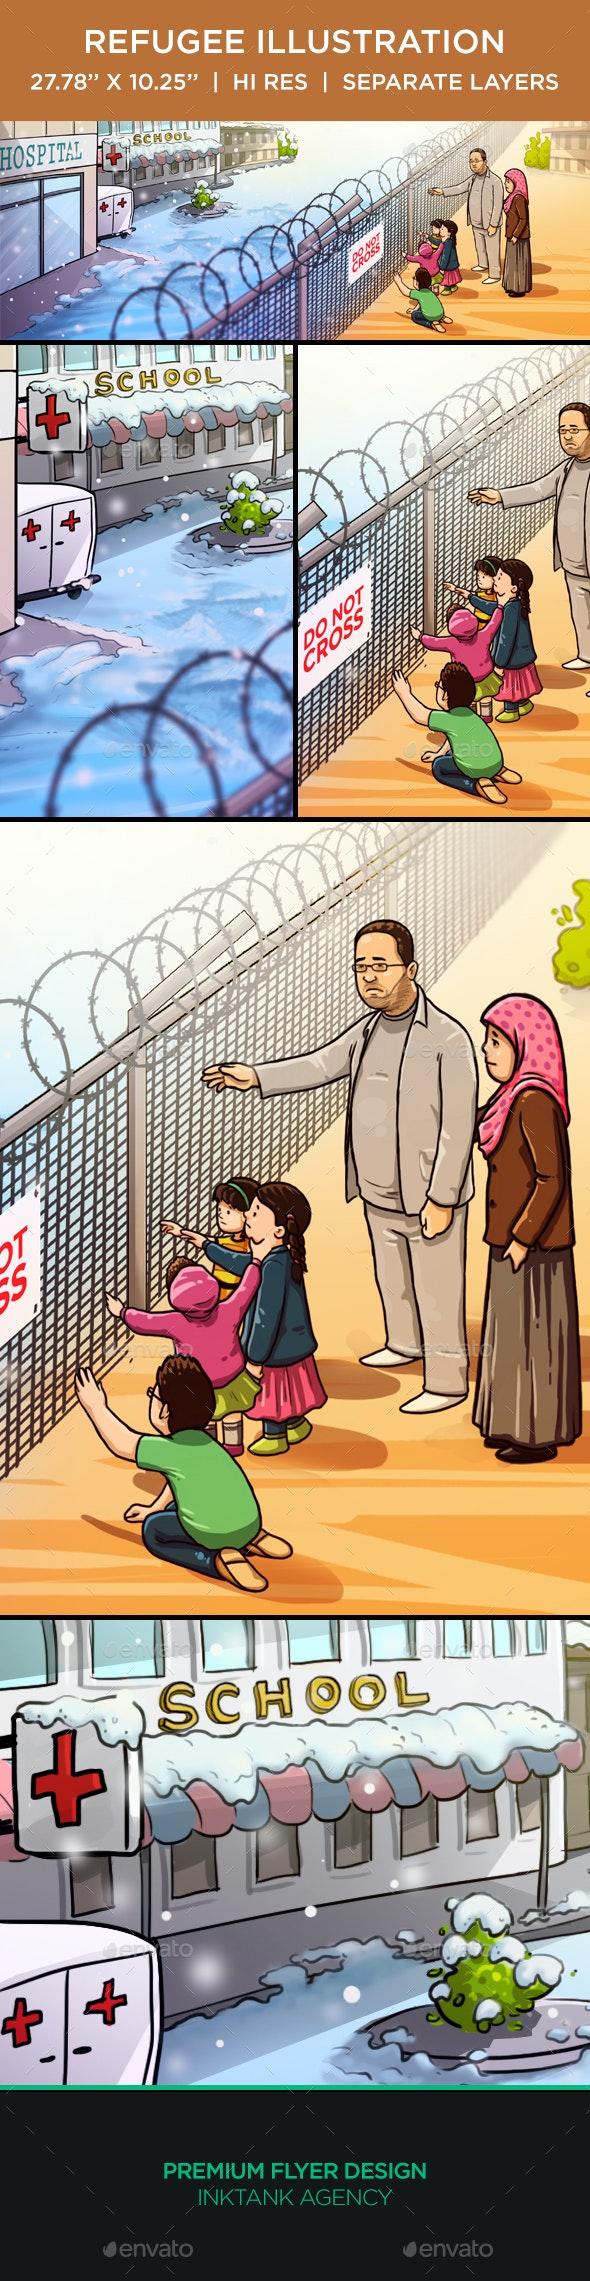 Refugee Illustration - Scenes Illustrations